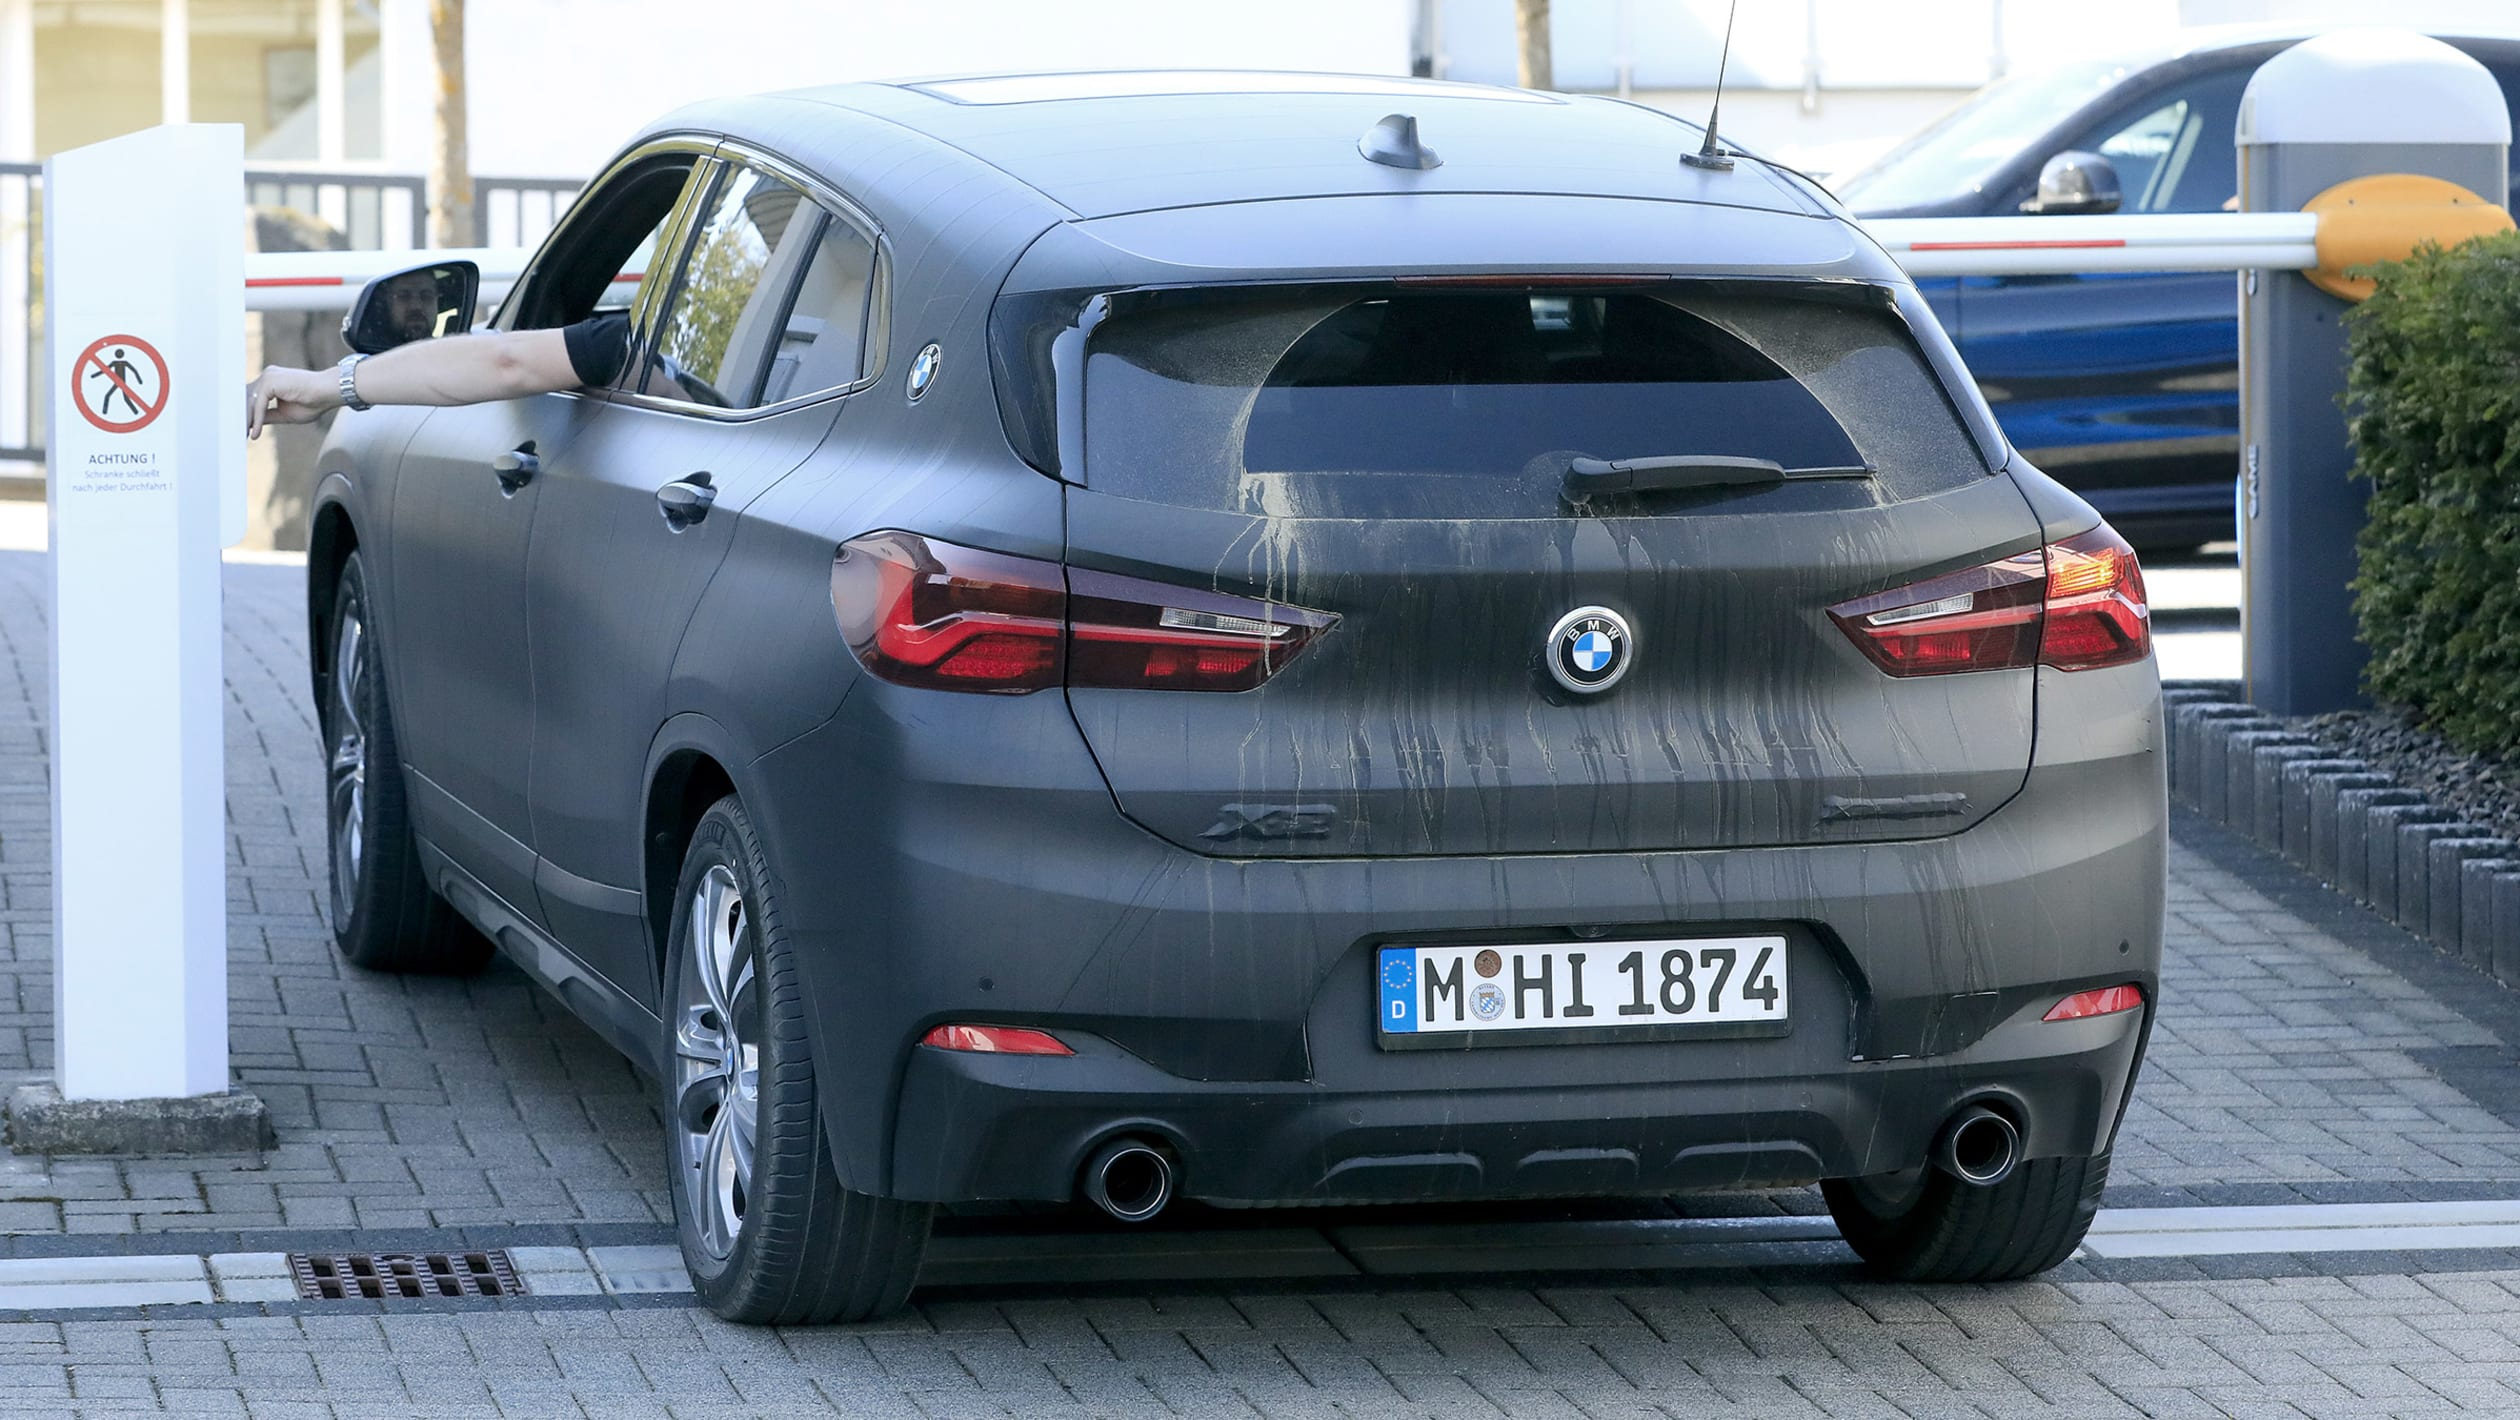 2017 - [BMW] X2 [F39] - Page 16 BMW%20X2%20spy%20shots-10